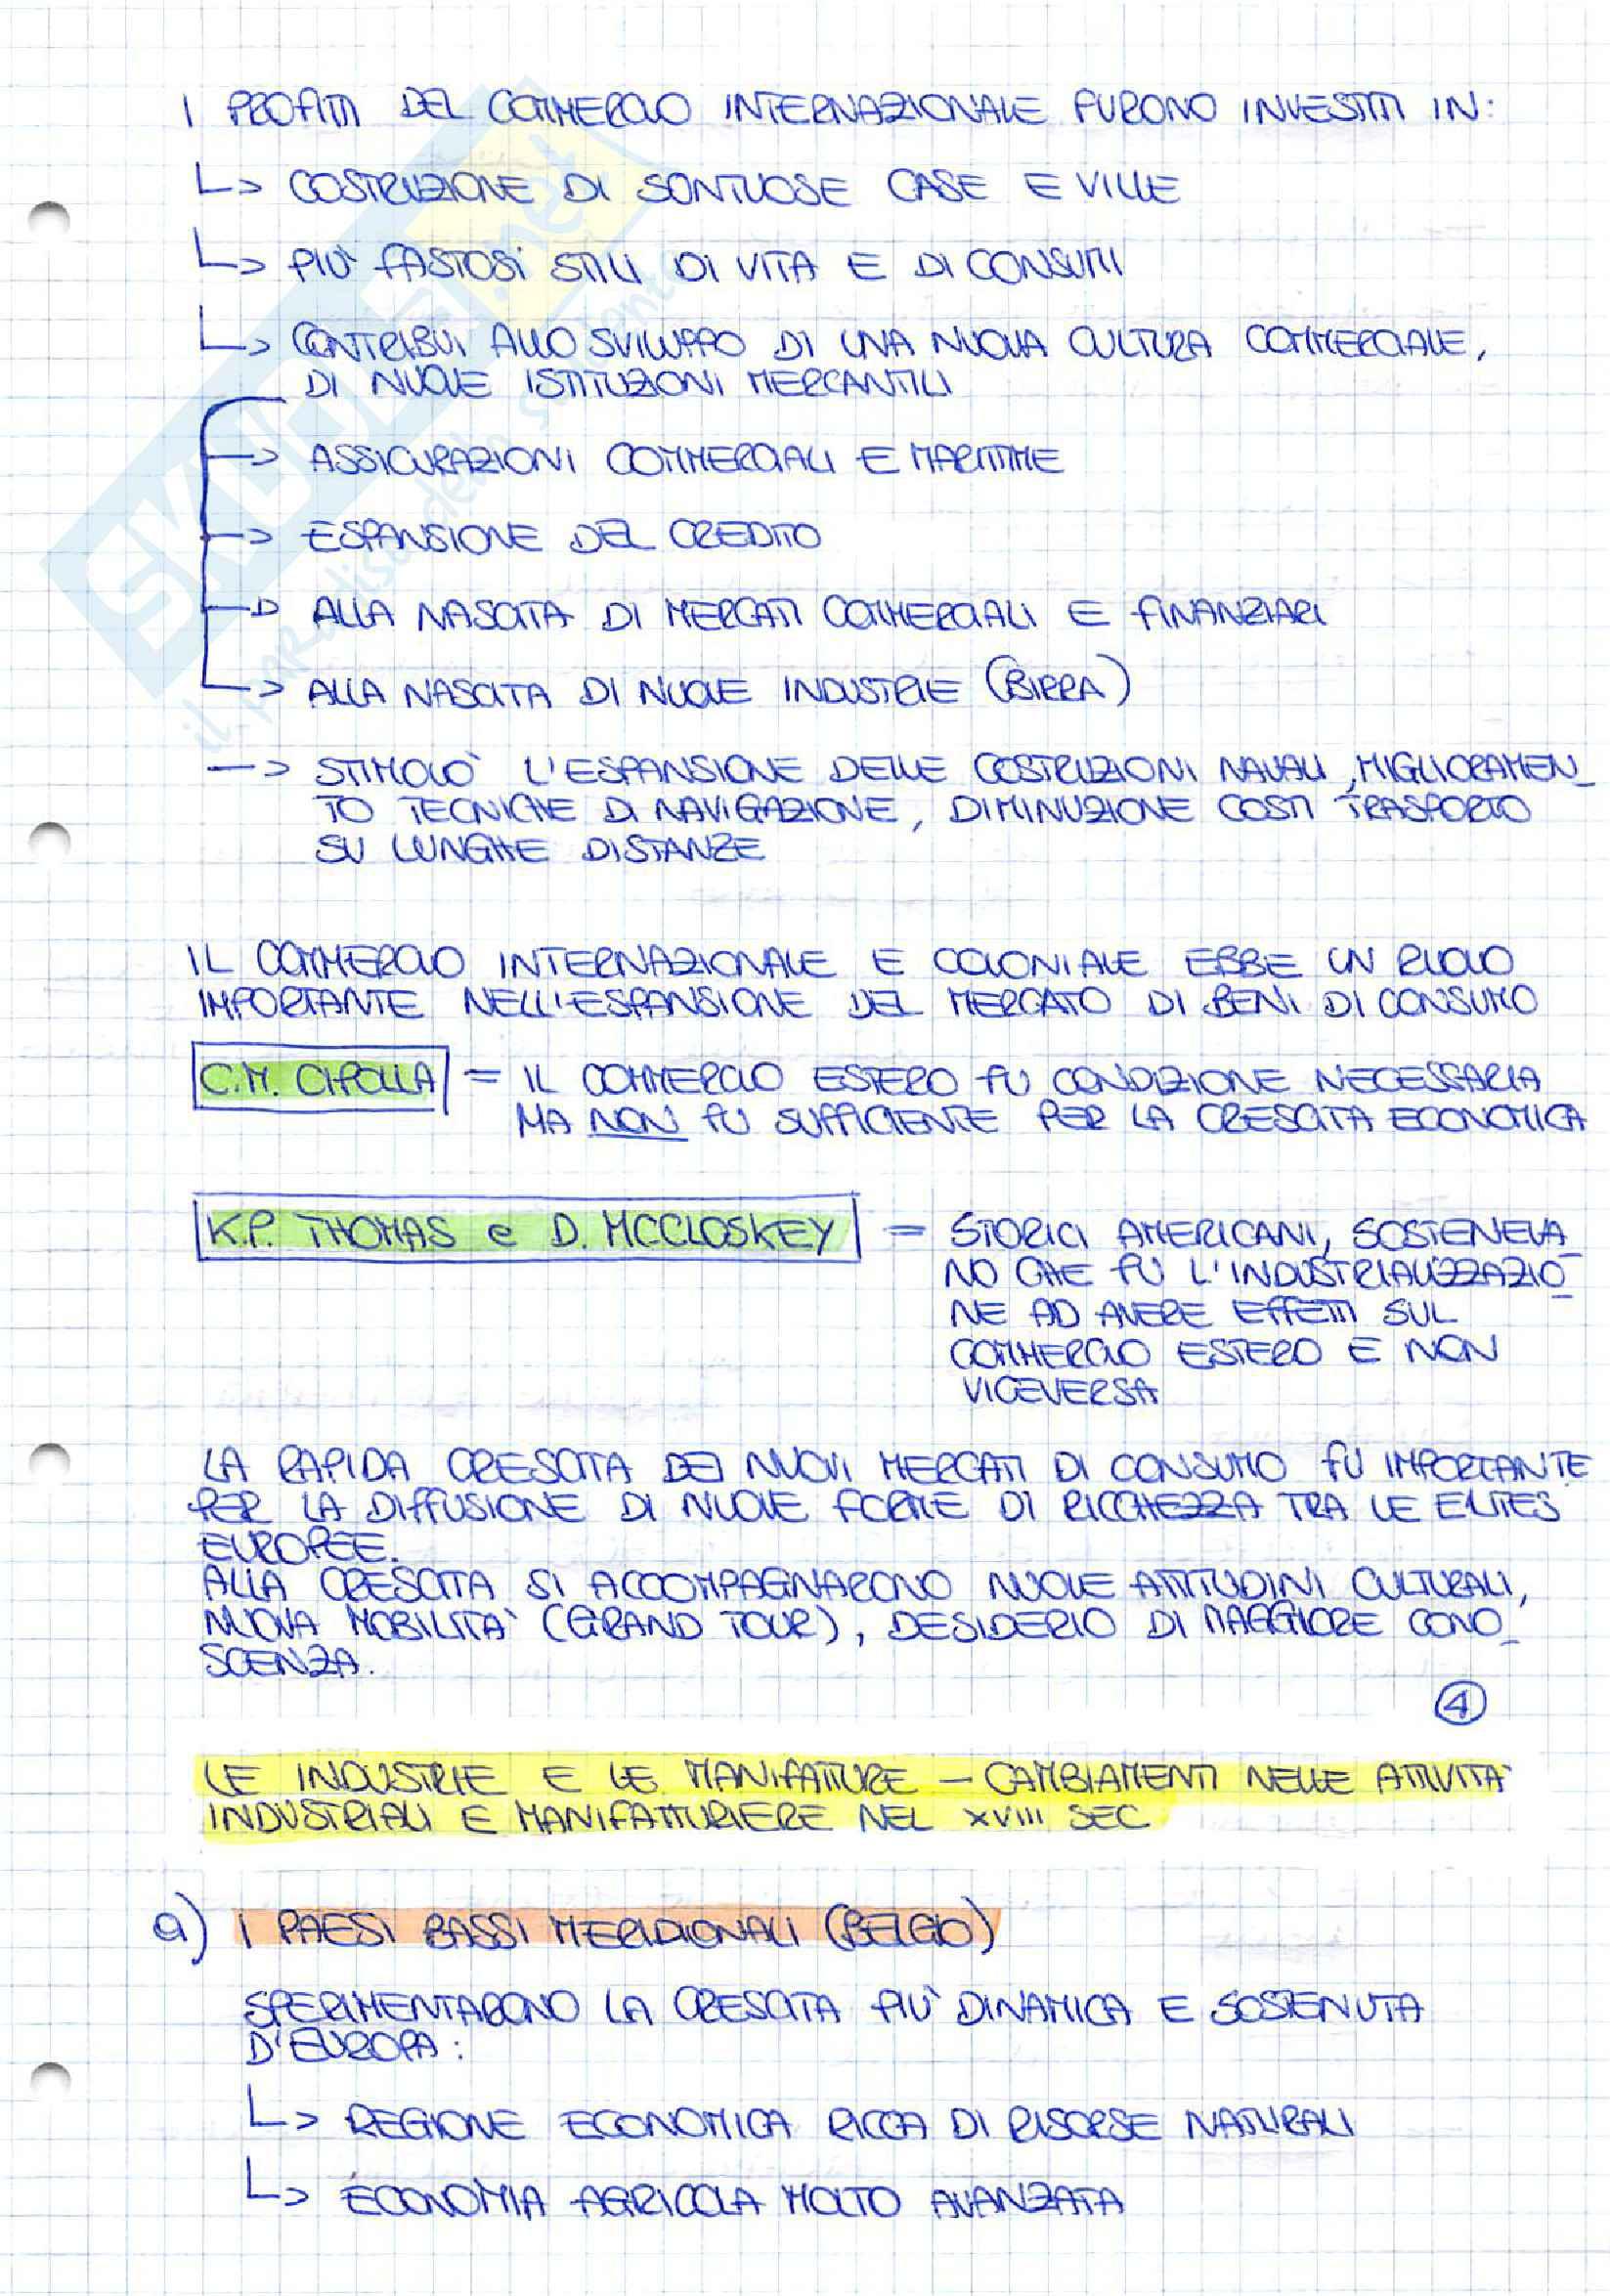 Appunti completi di Storia Economica Pag. 11